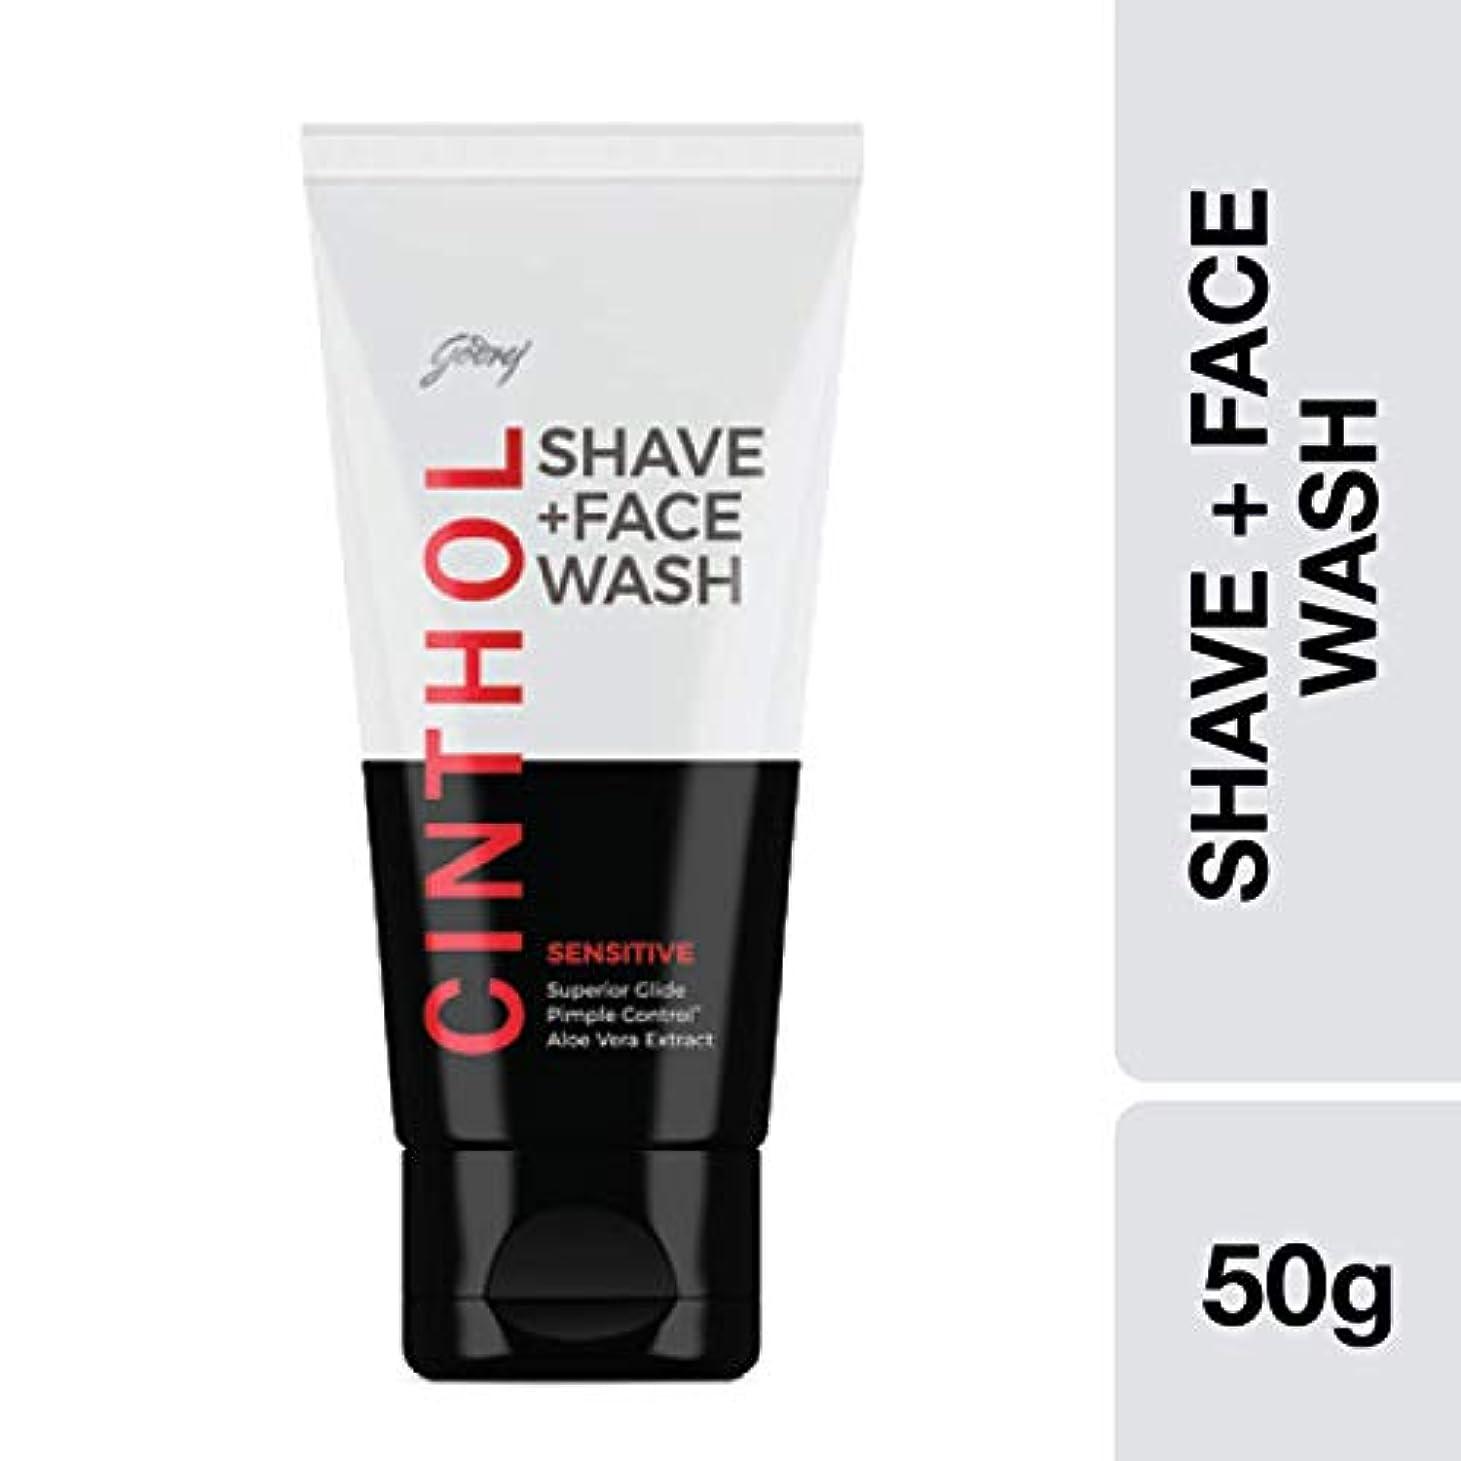 宣言報酬の同化Cinthol Sensitive Shaving + Face Wash, 50g